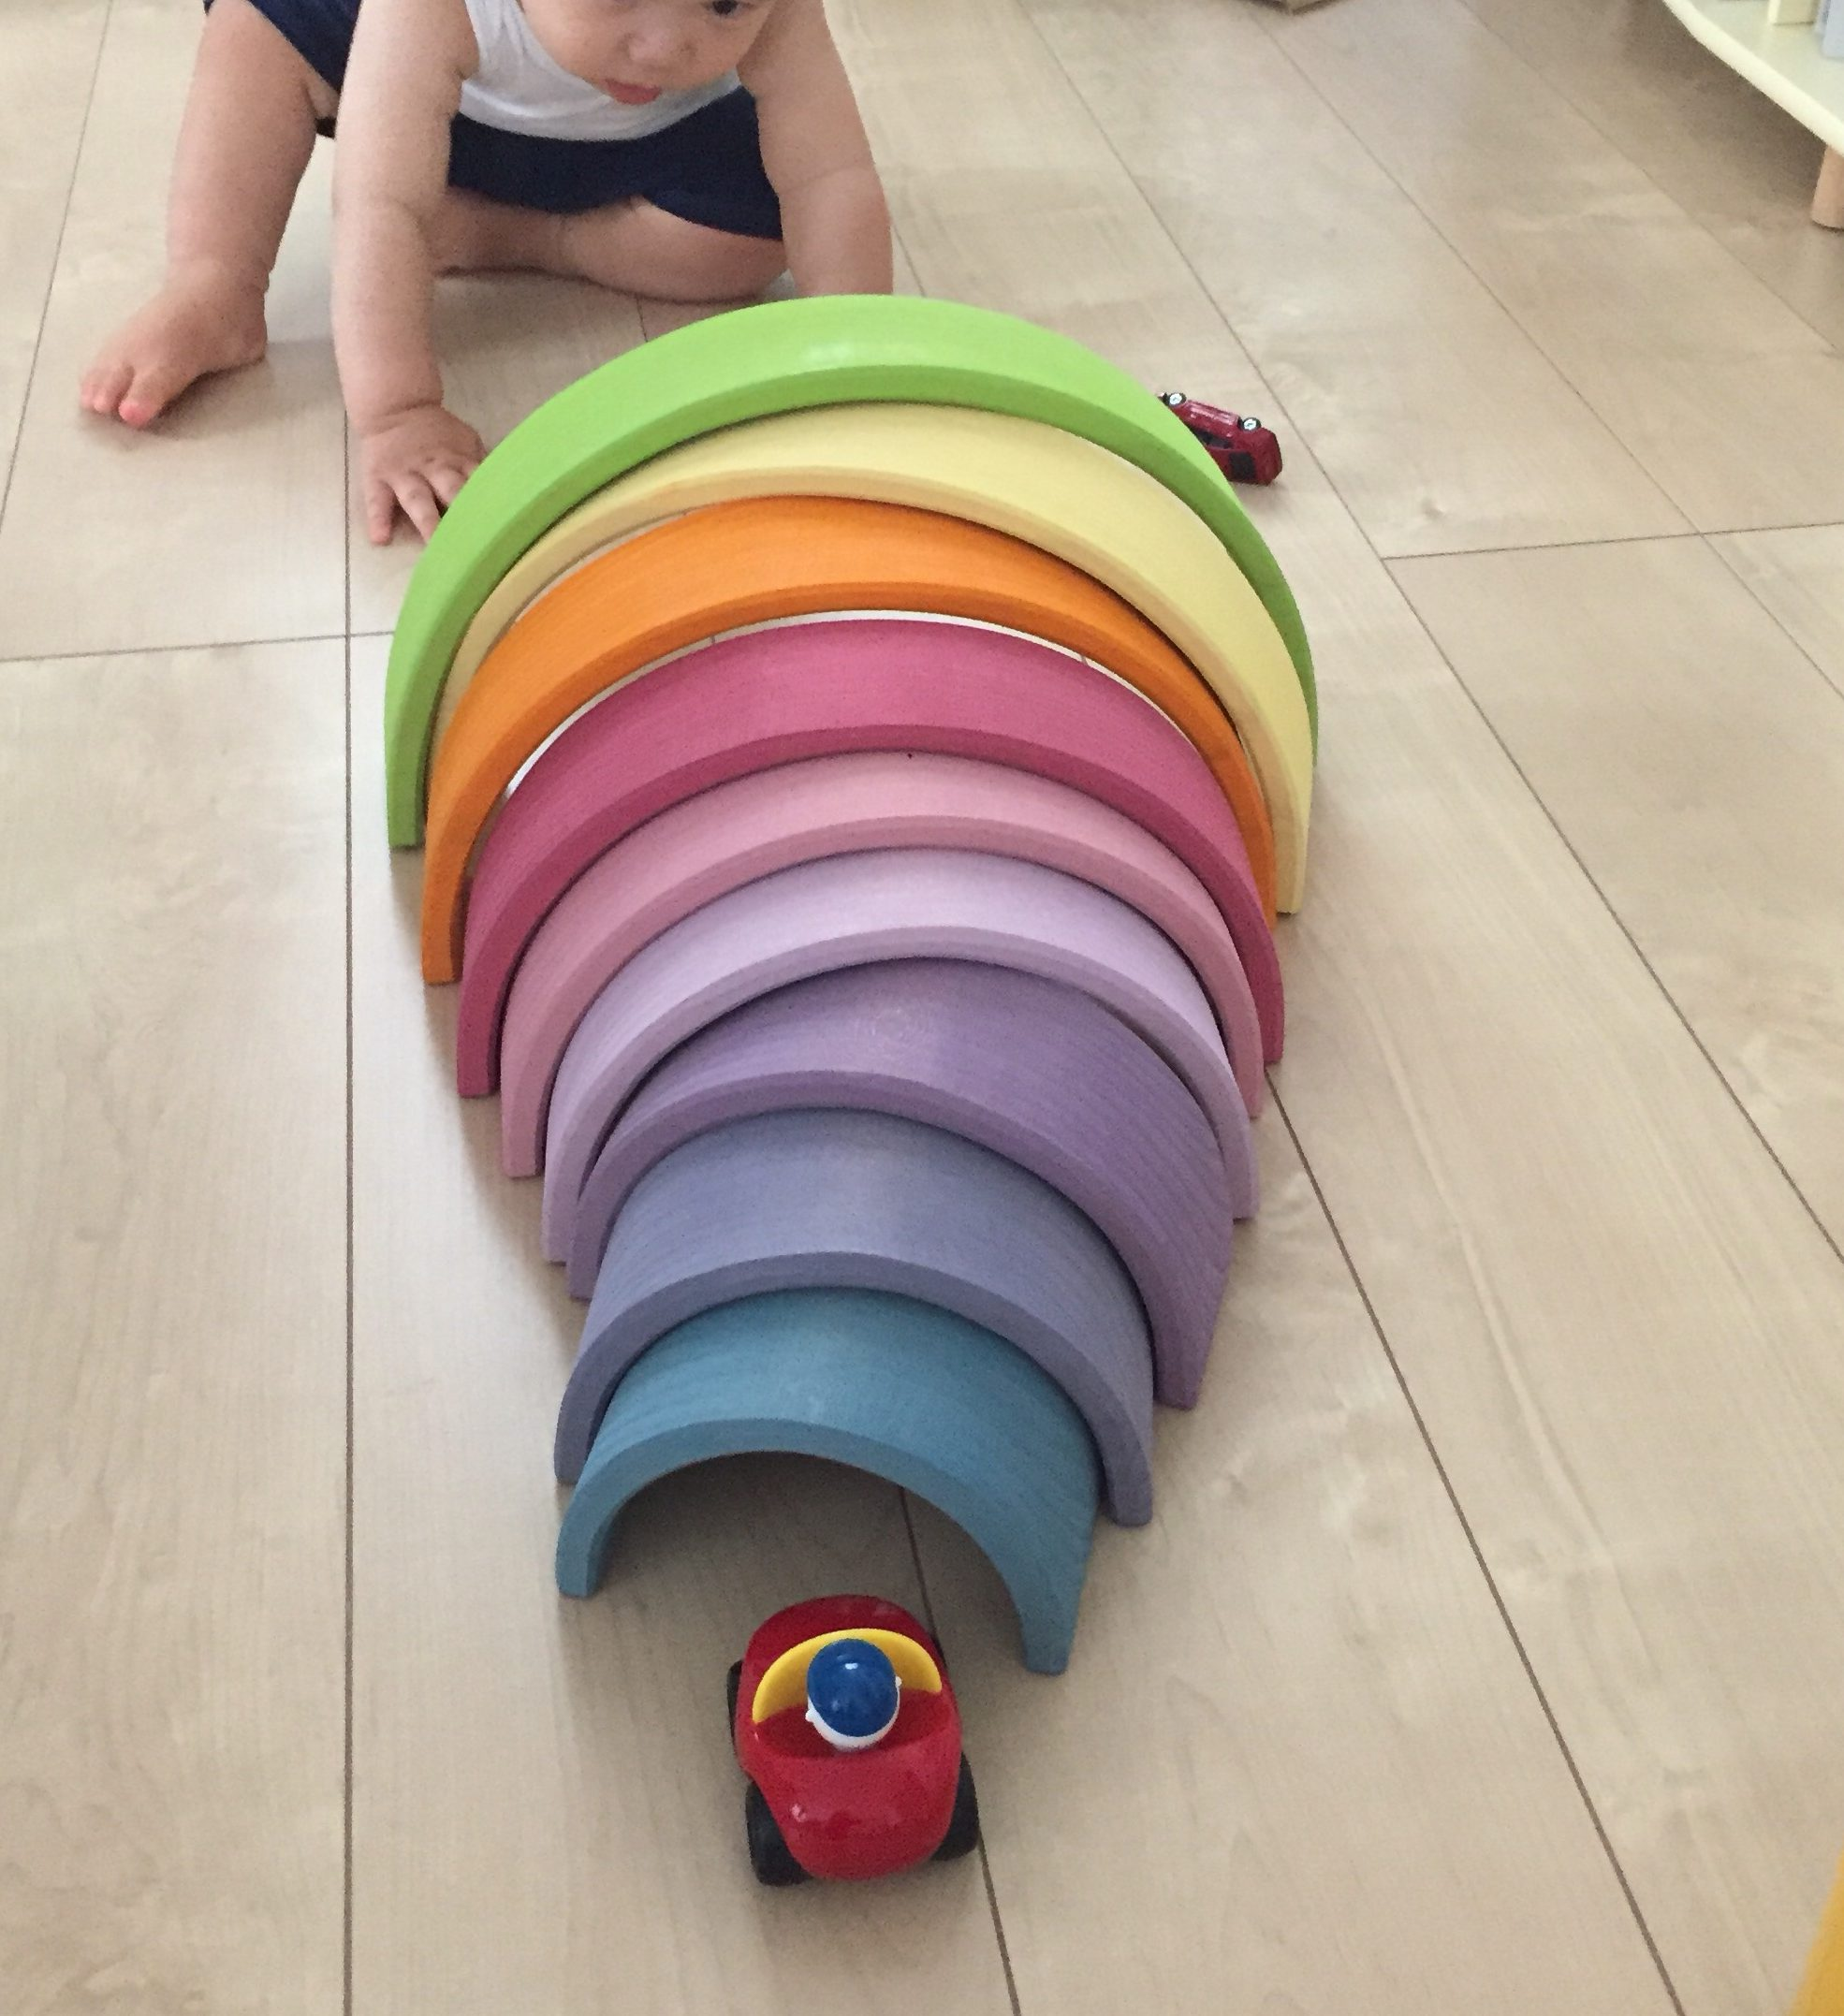 グリムス社 アークレインボー アーチレインボー 遊び方 1歳児 2歳児 3歳児